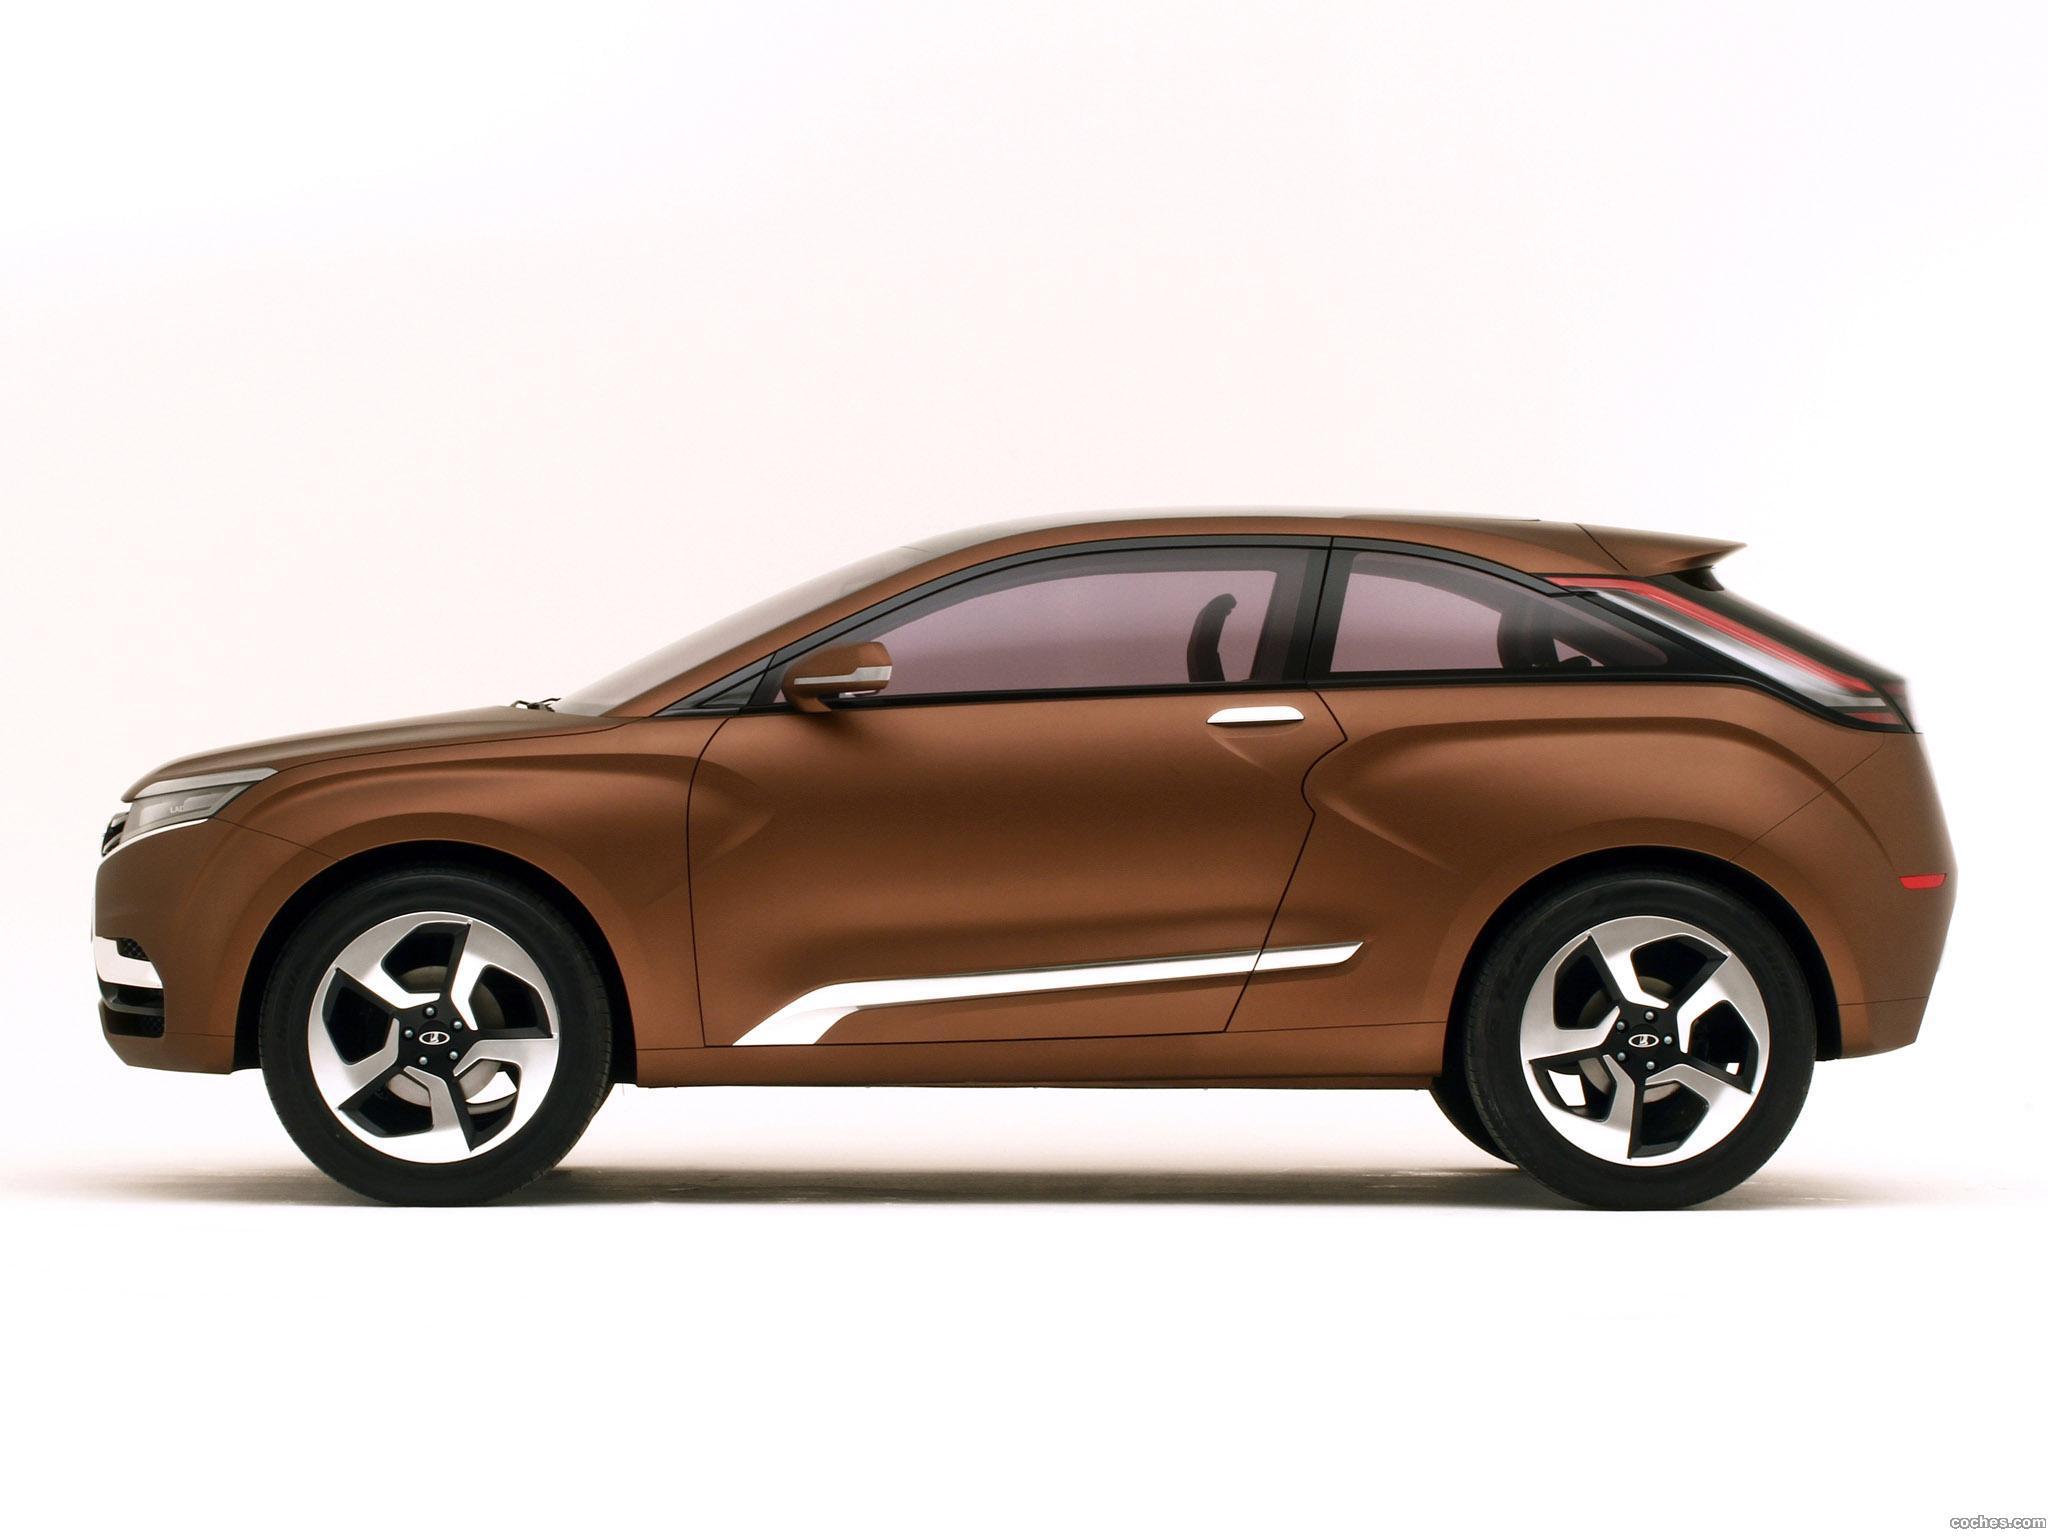 Foto 9 de Lada XRAY Concept 2012